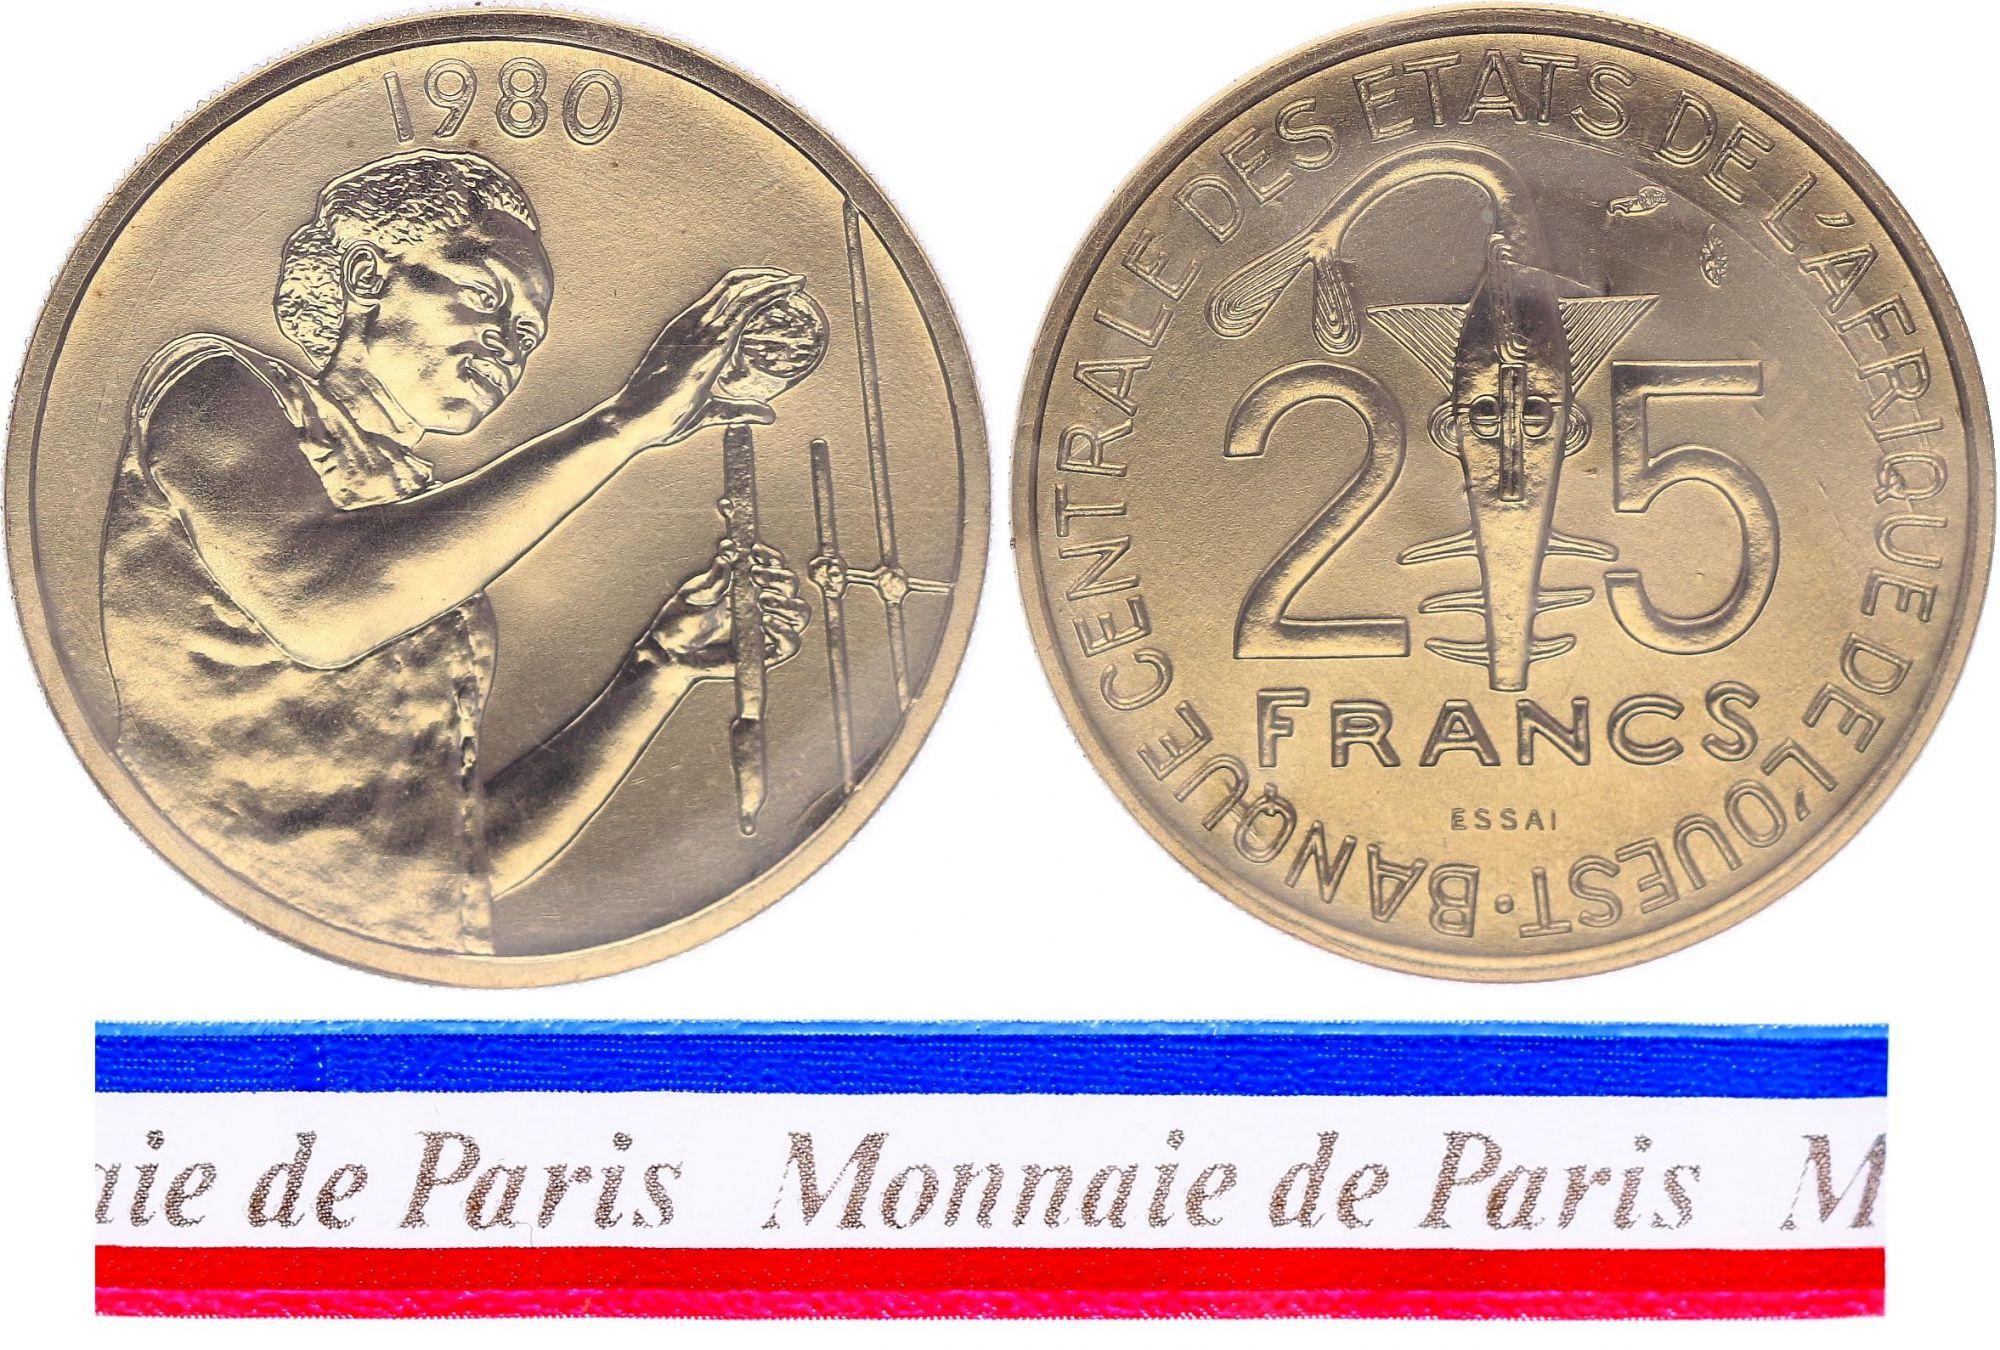 BCEAO 25 Francs - 1980 - Essai